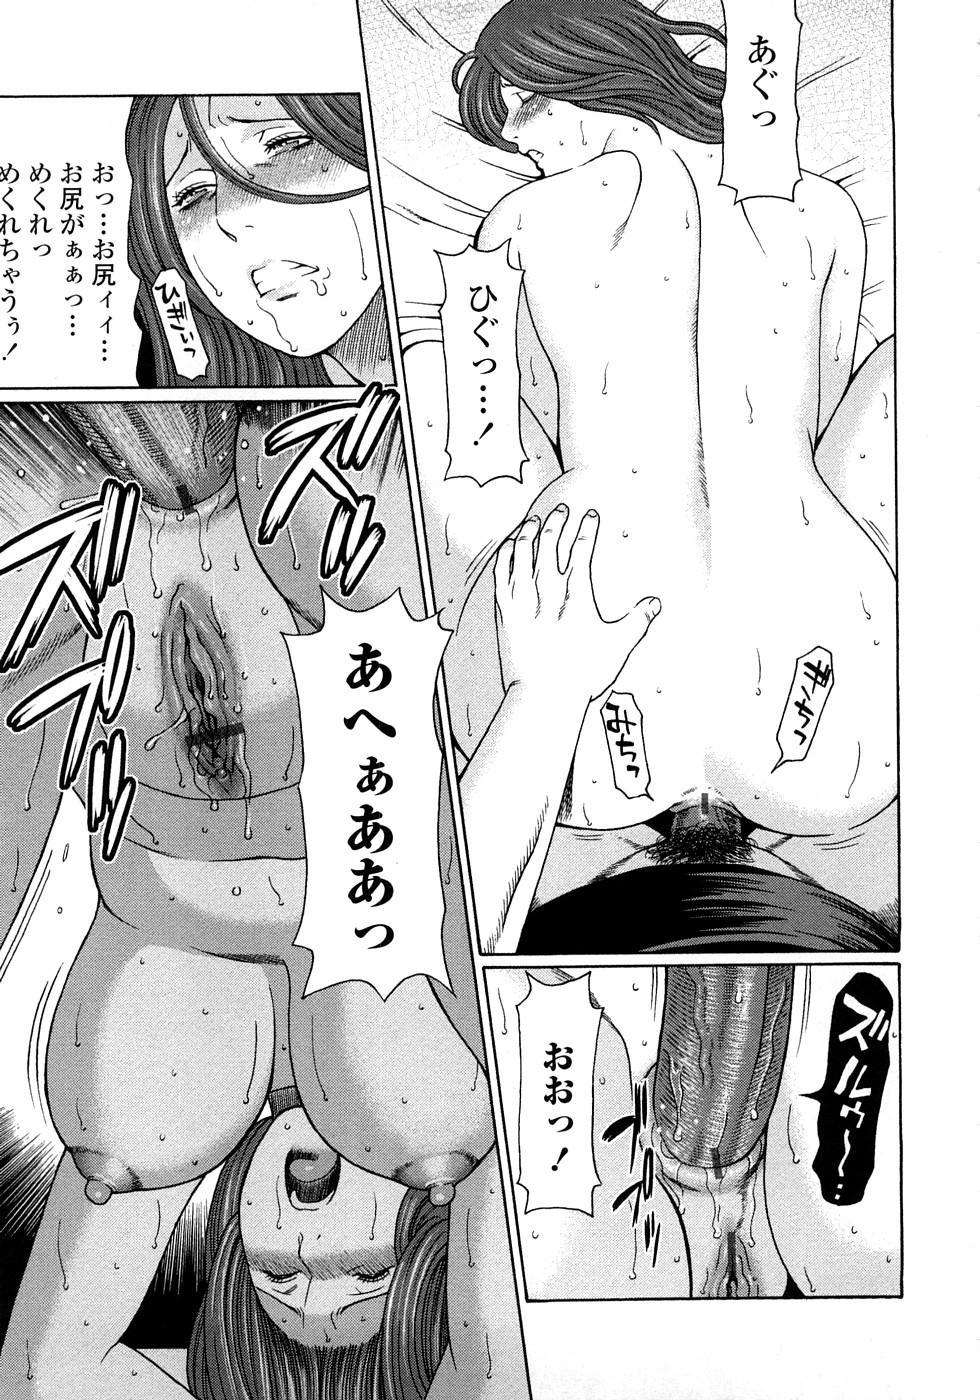 Etsuraku no Tobira - The Door of Sexual Pleasure 111